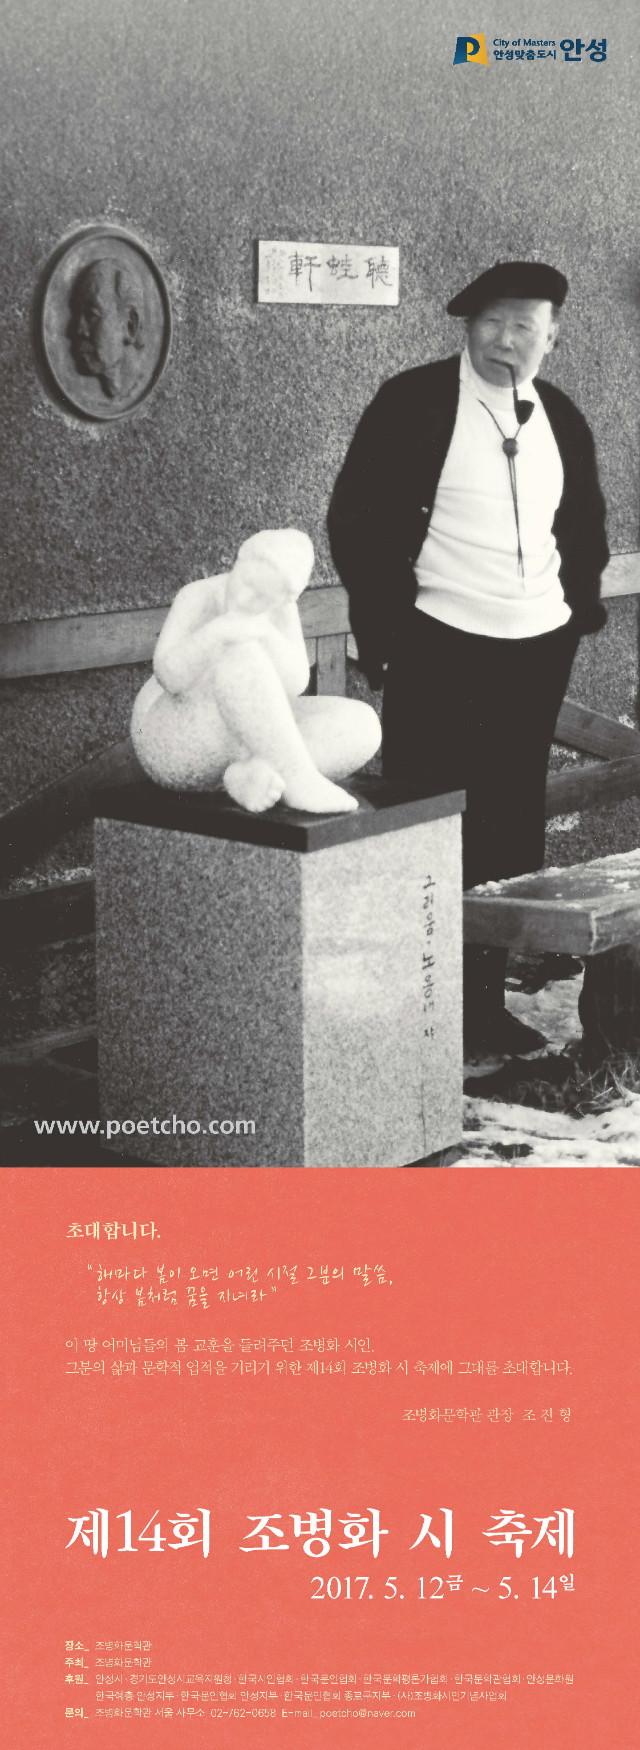 제14회 조병화 시 축제_페이지_1.jpg